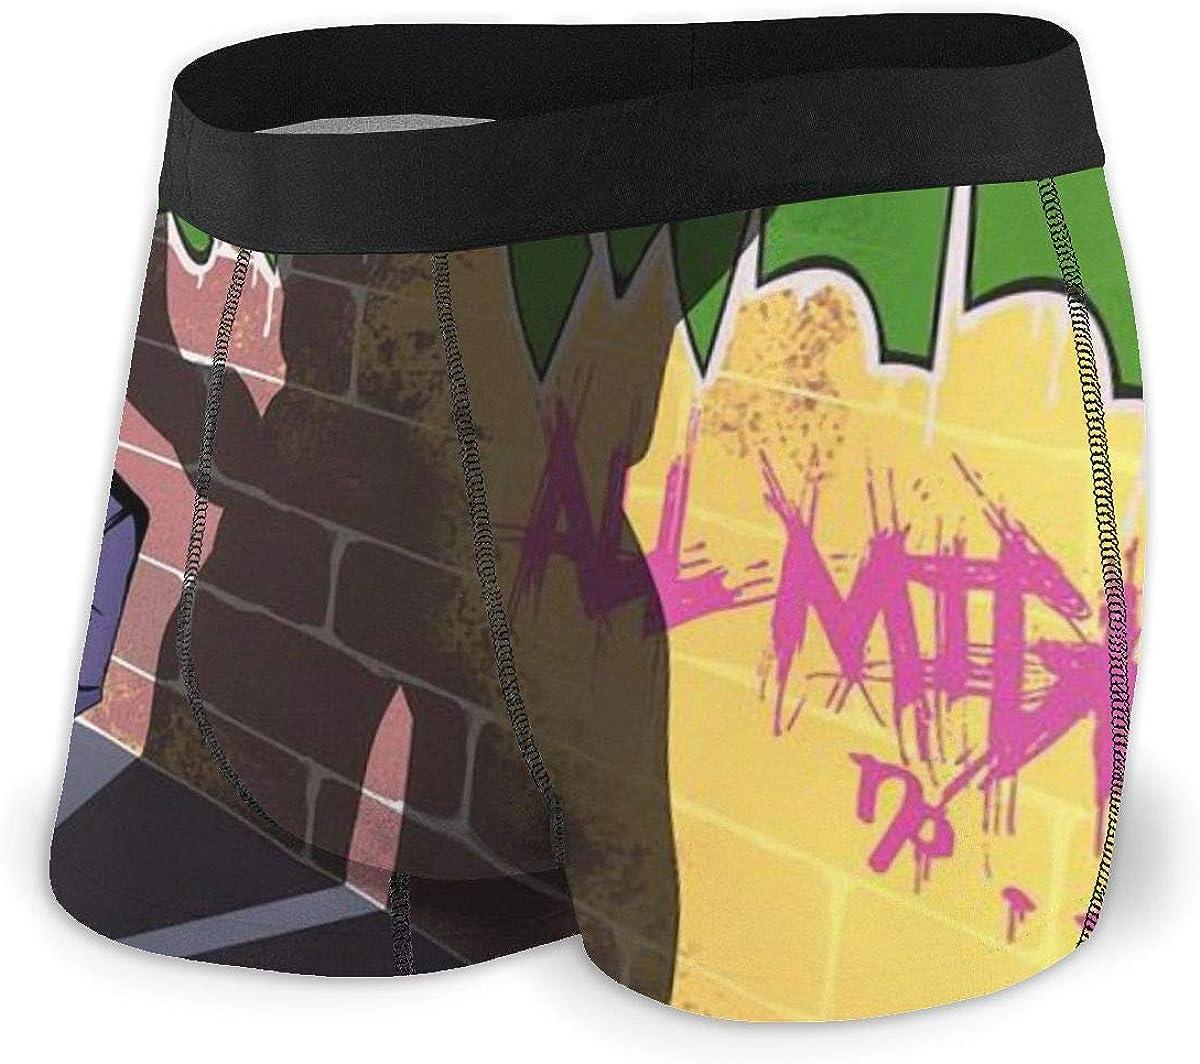 Anime Vocaloid Hatsune Miku Music All Mens Boxer Briefs Mens Underwear Cotton Underwear Stylish Black